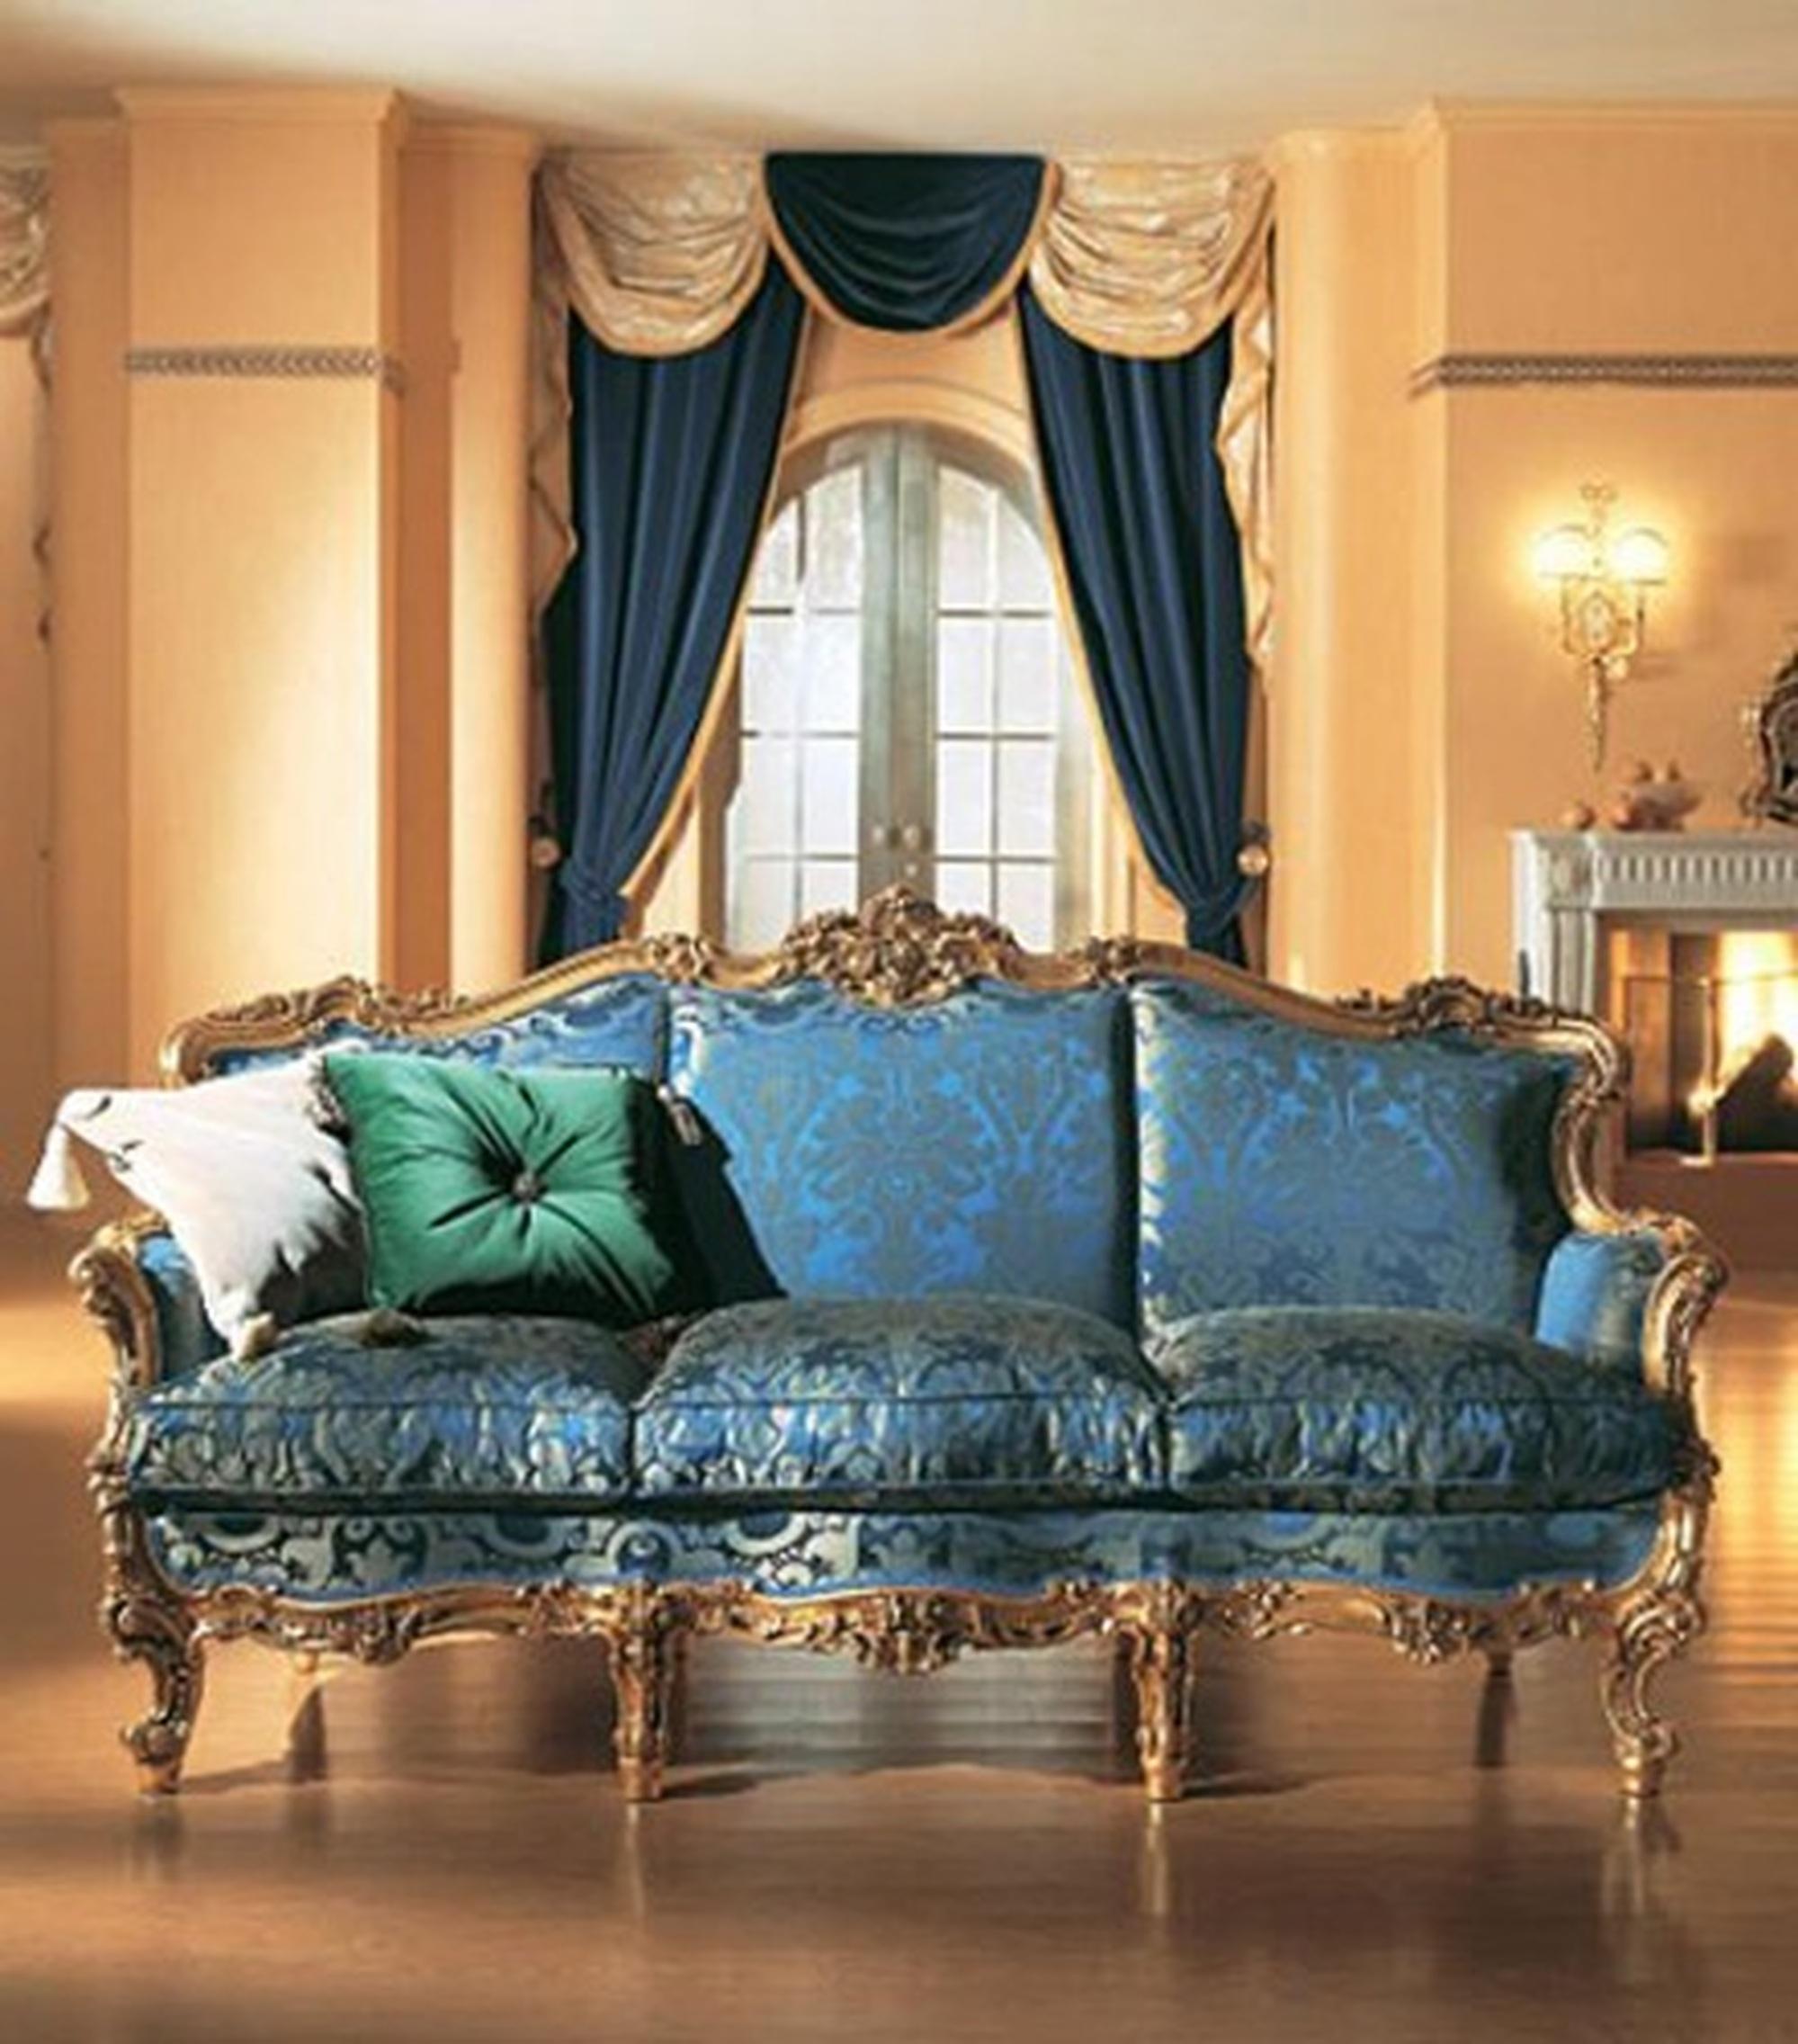 Сочетании контрастных тонов в оформлении гостиной в стиле барокко.